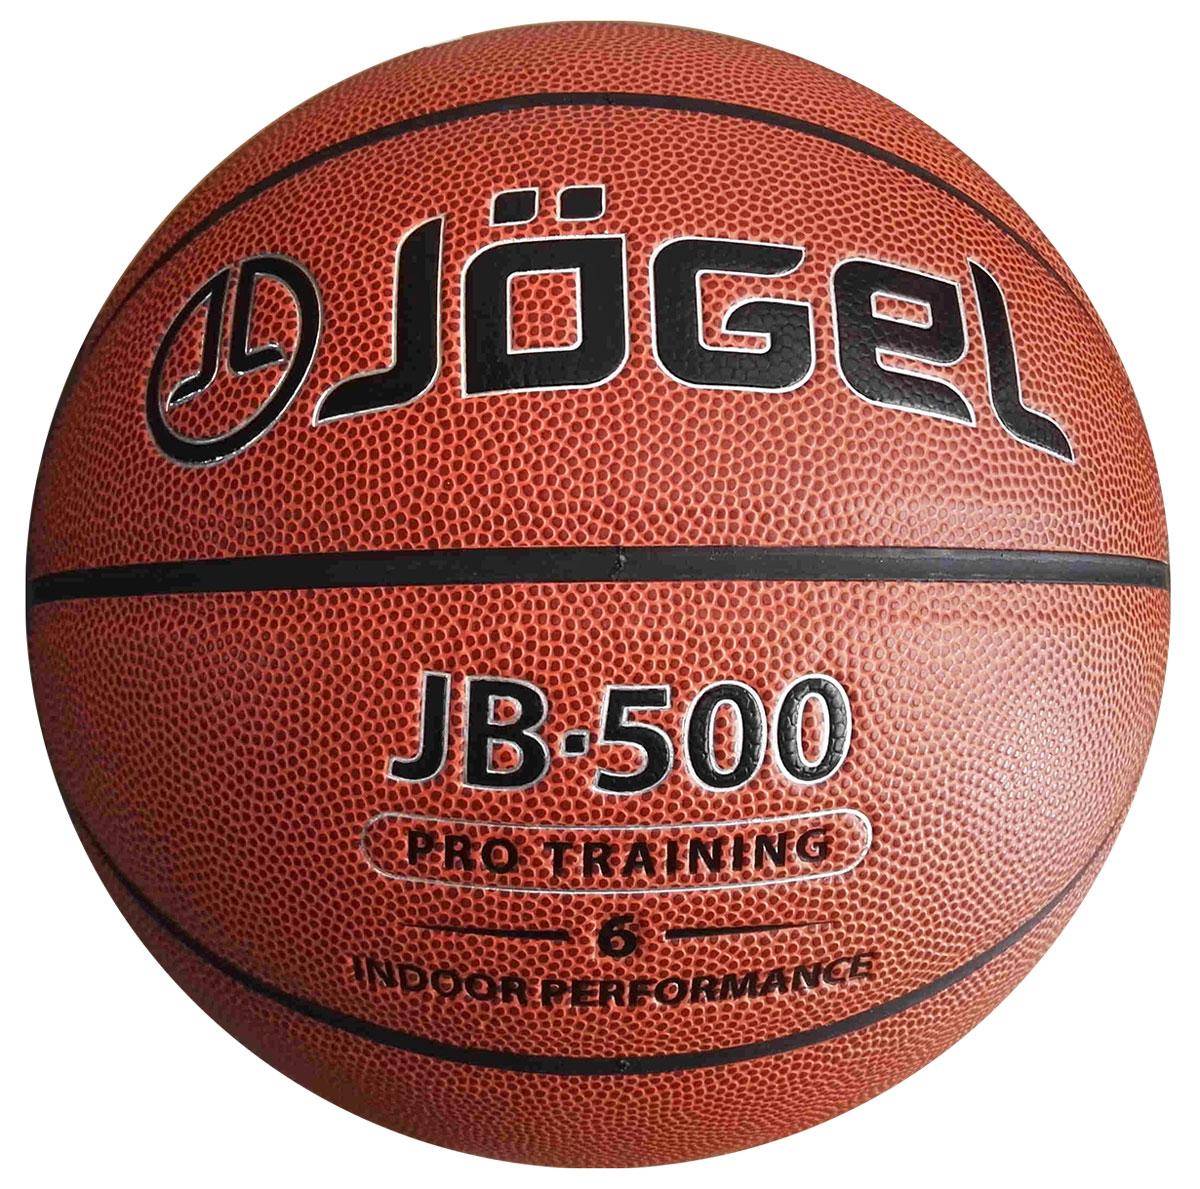 Мяч баскетбольный Jogel, цвет: коричневый. Размер 6. JB-500УТ-00009329Название:Мяч баскетбольный Jgel JB-500 №6Уровень:Тренировочно-игровой мячСерия: PRO TRAININGКатегория: INDOORОписание:Jogel JB-500 №6 . Благодаря технологии DeepChannel (глубокие каналы), используемой при производстве мячей Jogel, достигается лучший контроля мяча во время броска и дриблинга. Размер №6 предназначается для женщин и юношей от 12 до 16 лет. Данный мяч рекомендован для тренировок команд среднего и высокого уровня, а также соревнований любительских и средних команд.Данный мяч прекрасно подходит для поставок на гос. тендеры, образовательные учреждения и спортивные секции. Официальный размер и вес FIBA.Рекомендованные покрытия: ПаркетМатериал поверхности:Синтетическая кожа (полиуретан)Материал камеры:БутилТип соединения панелей:КлееныйКоличество панелей:8Размер:6Вес:510-567 гр.Длина окружности: 72-74 смРекомендованное давление: 0.5-0.6 барКоличество в коробке: 24 шт.Основной цвет:КоричневыйДополнительный цвет:ЧерныйБренд: JogelСтрана бренда:ГерманияПроизводство:КНР